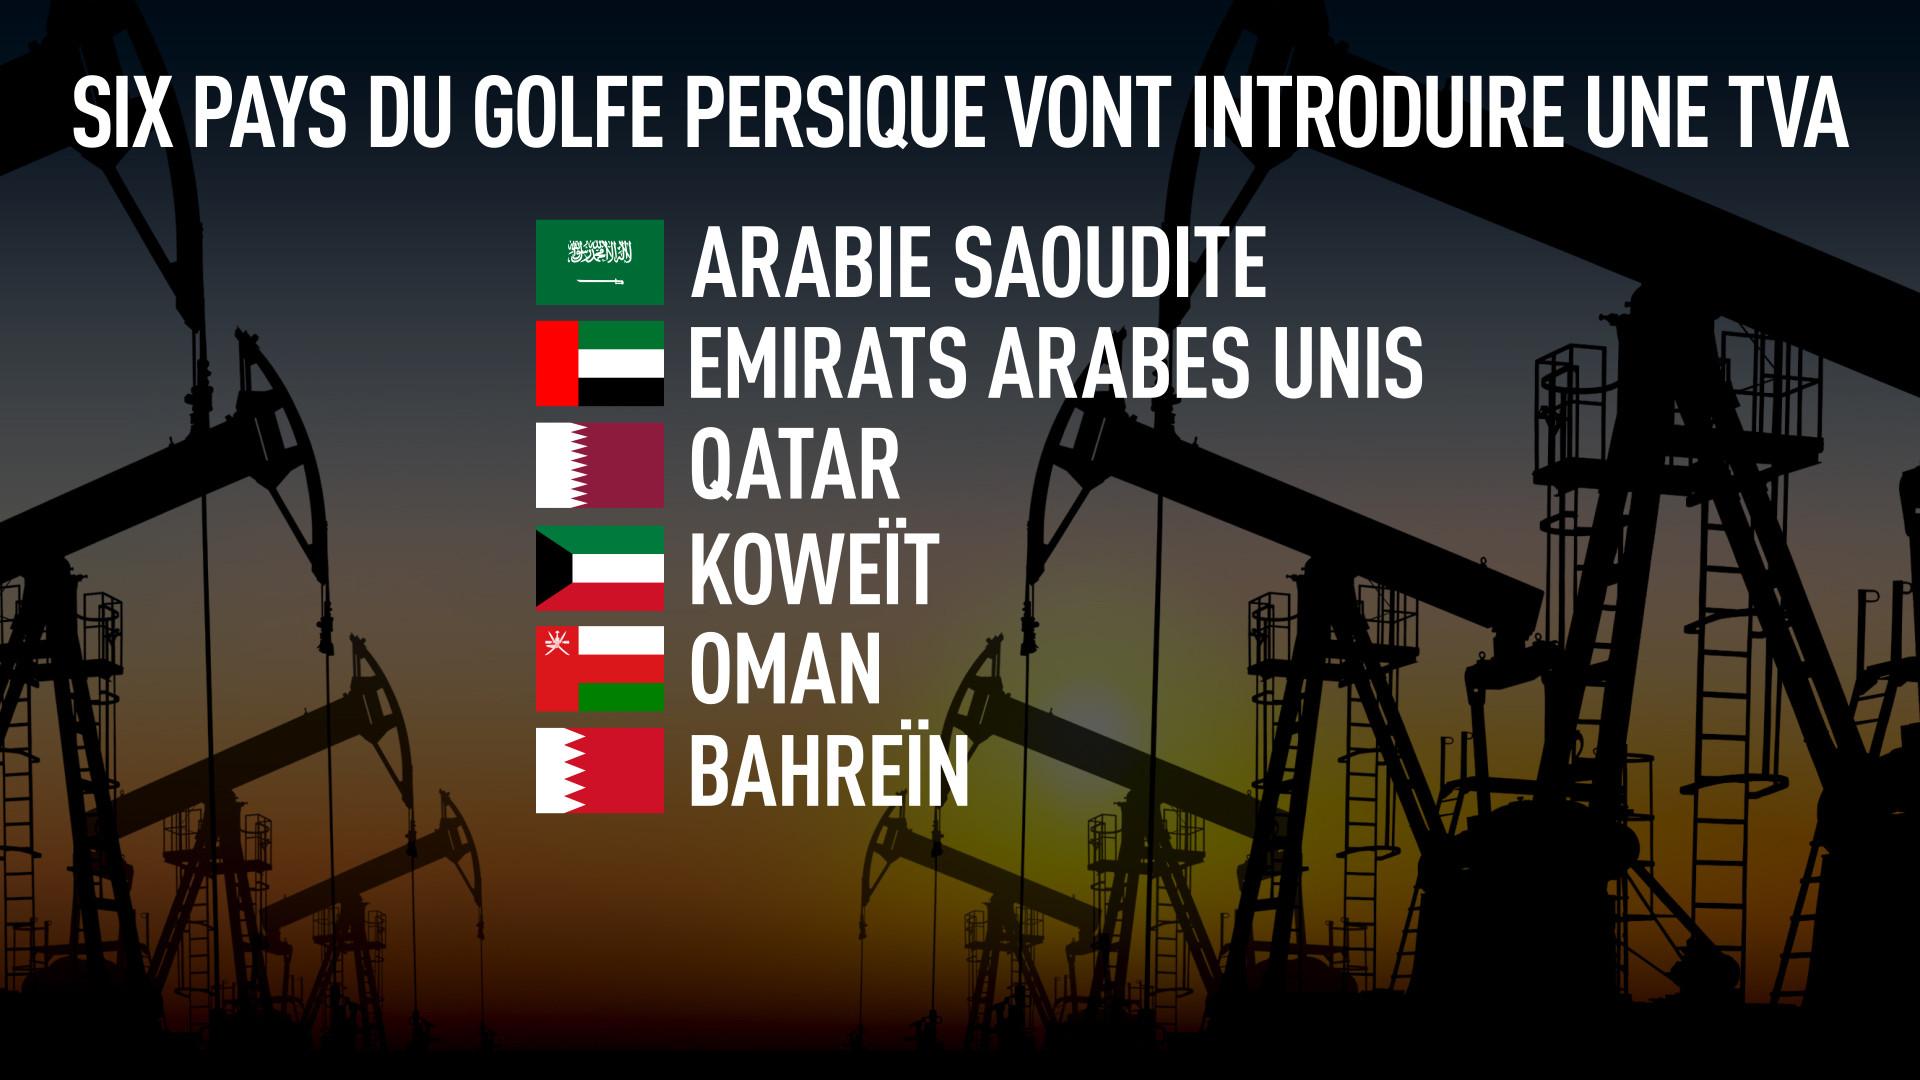 Dans le dur financièrement, les pays du Golfe obligés de taxer leurs populations